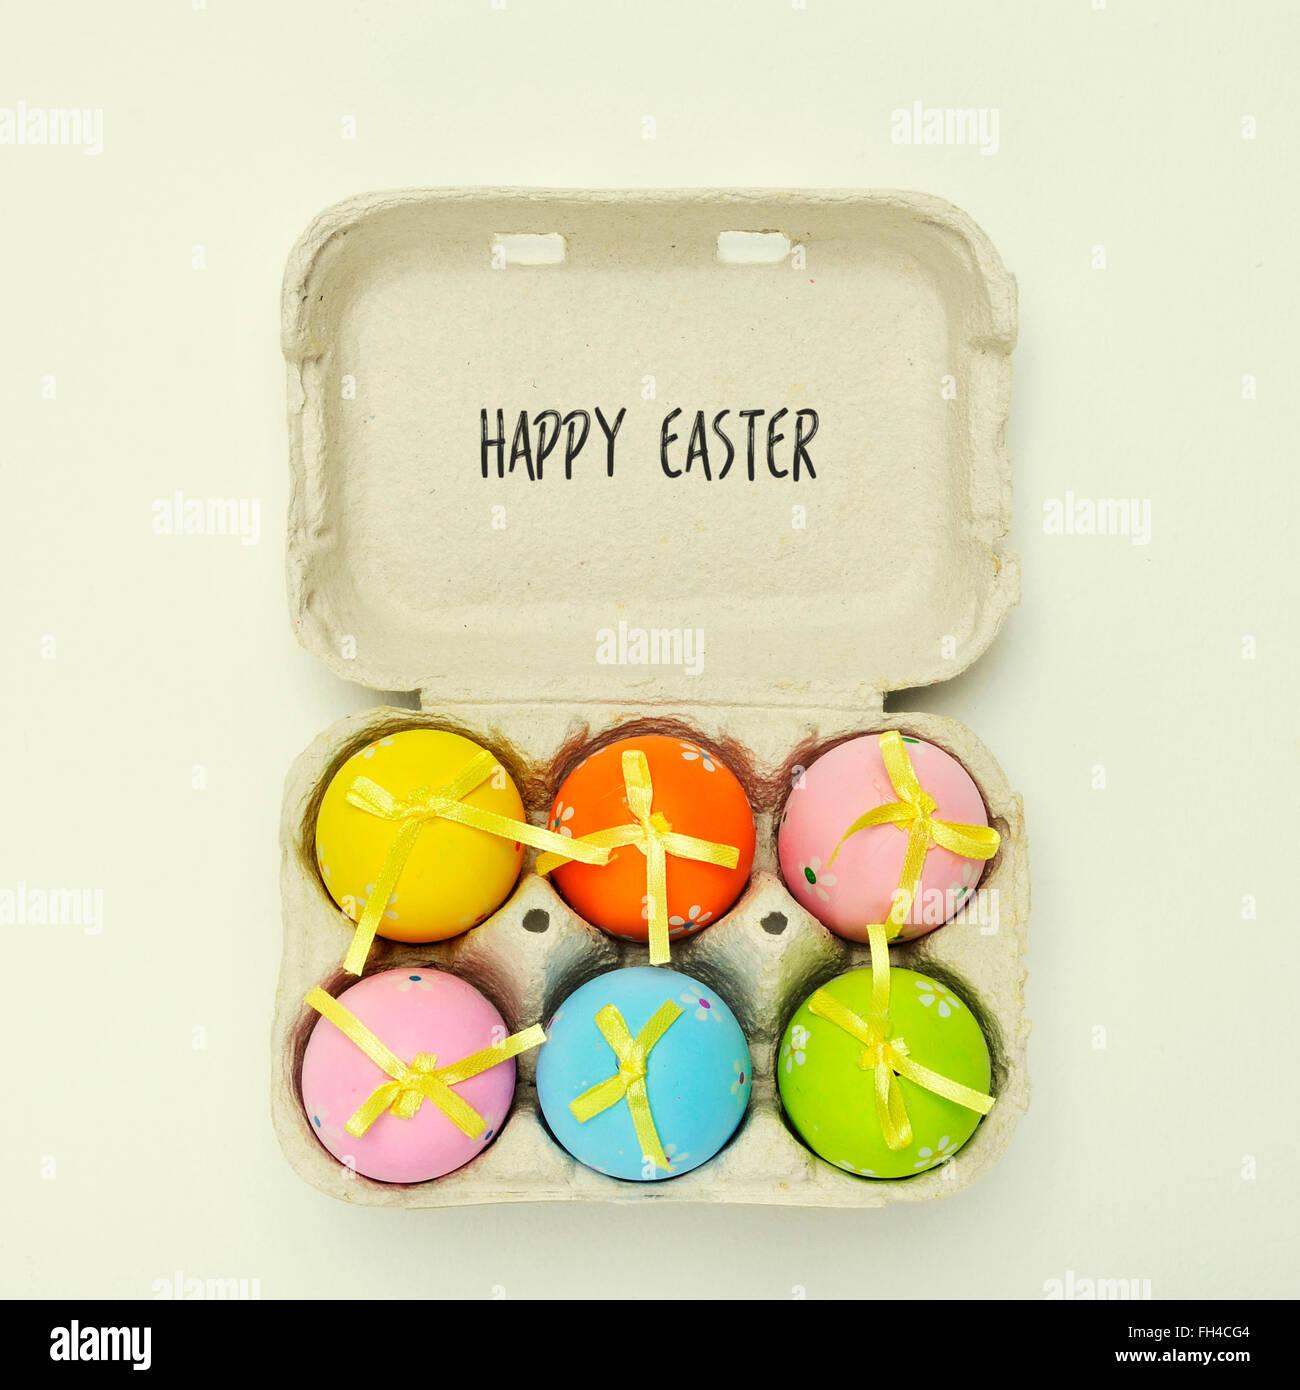 Capture d'un grand angle d'une boîte à œufs plein d'oeufs de pâques décorés Photo Stock